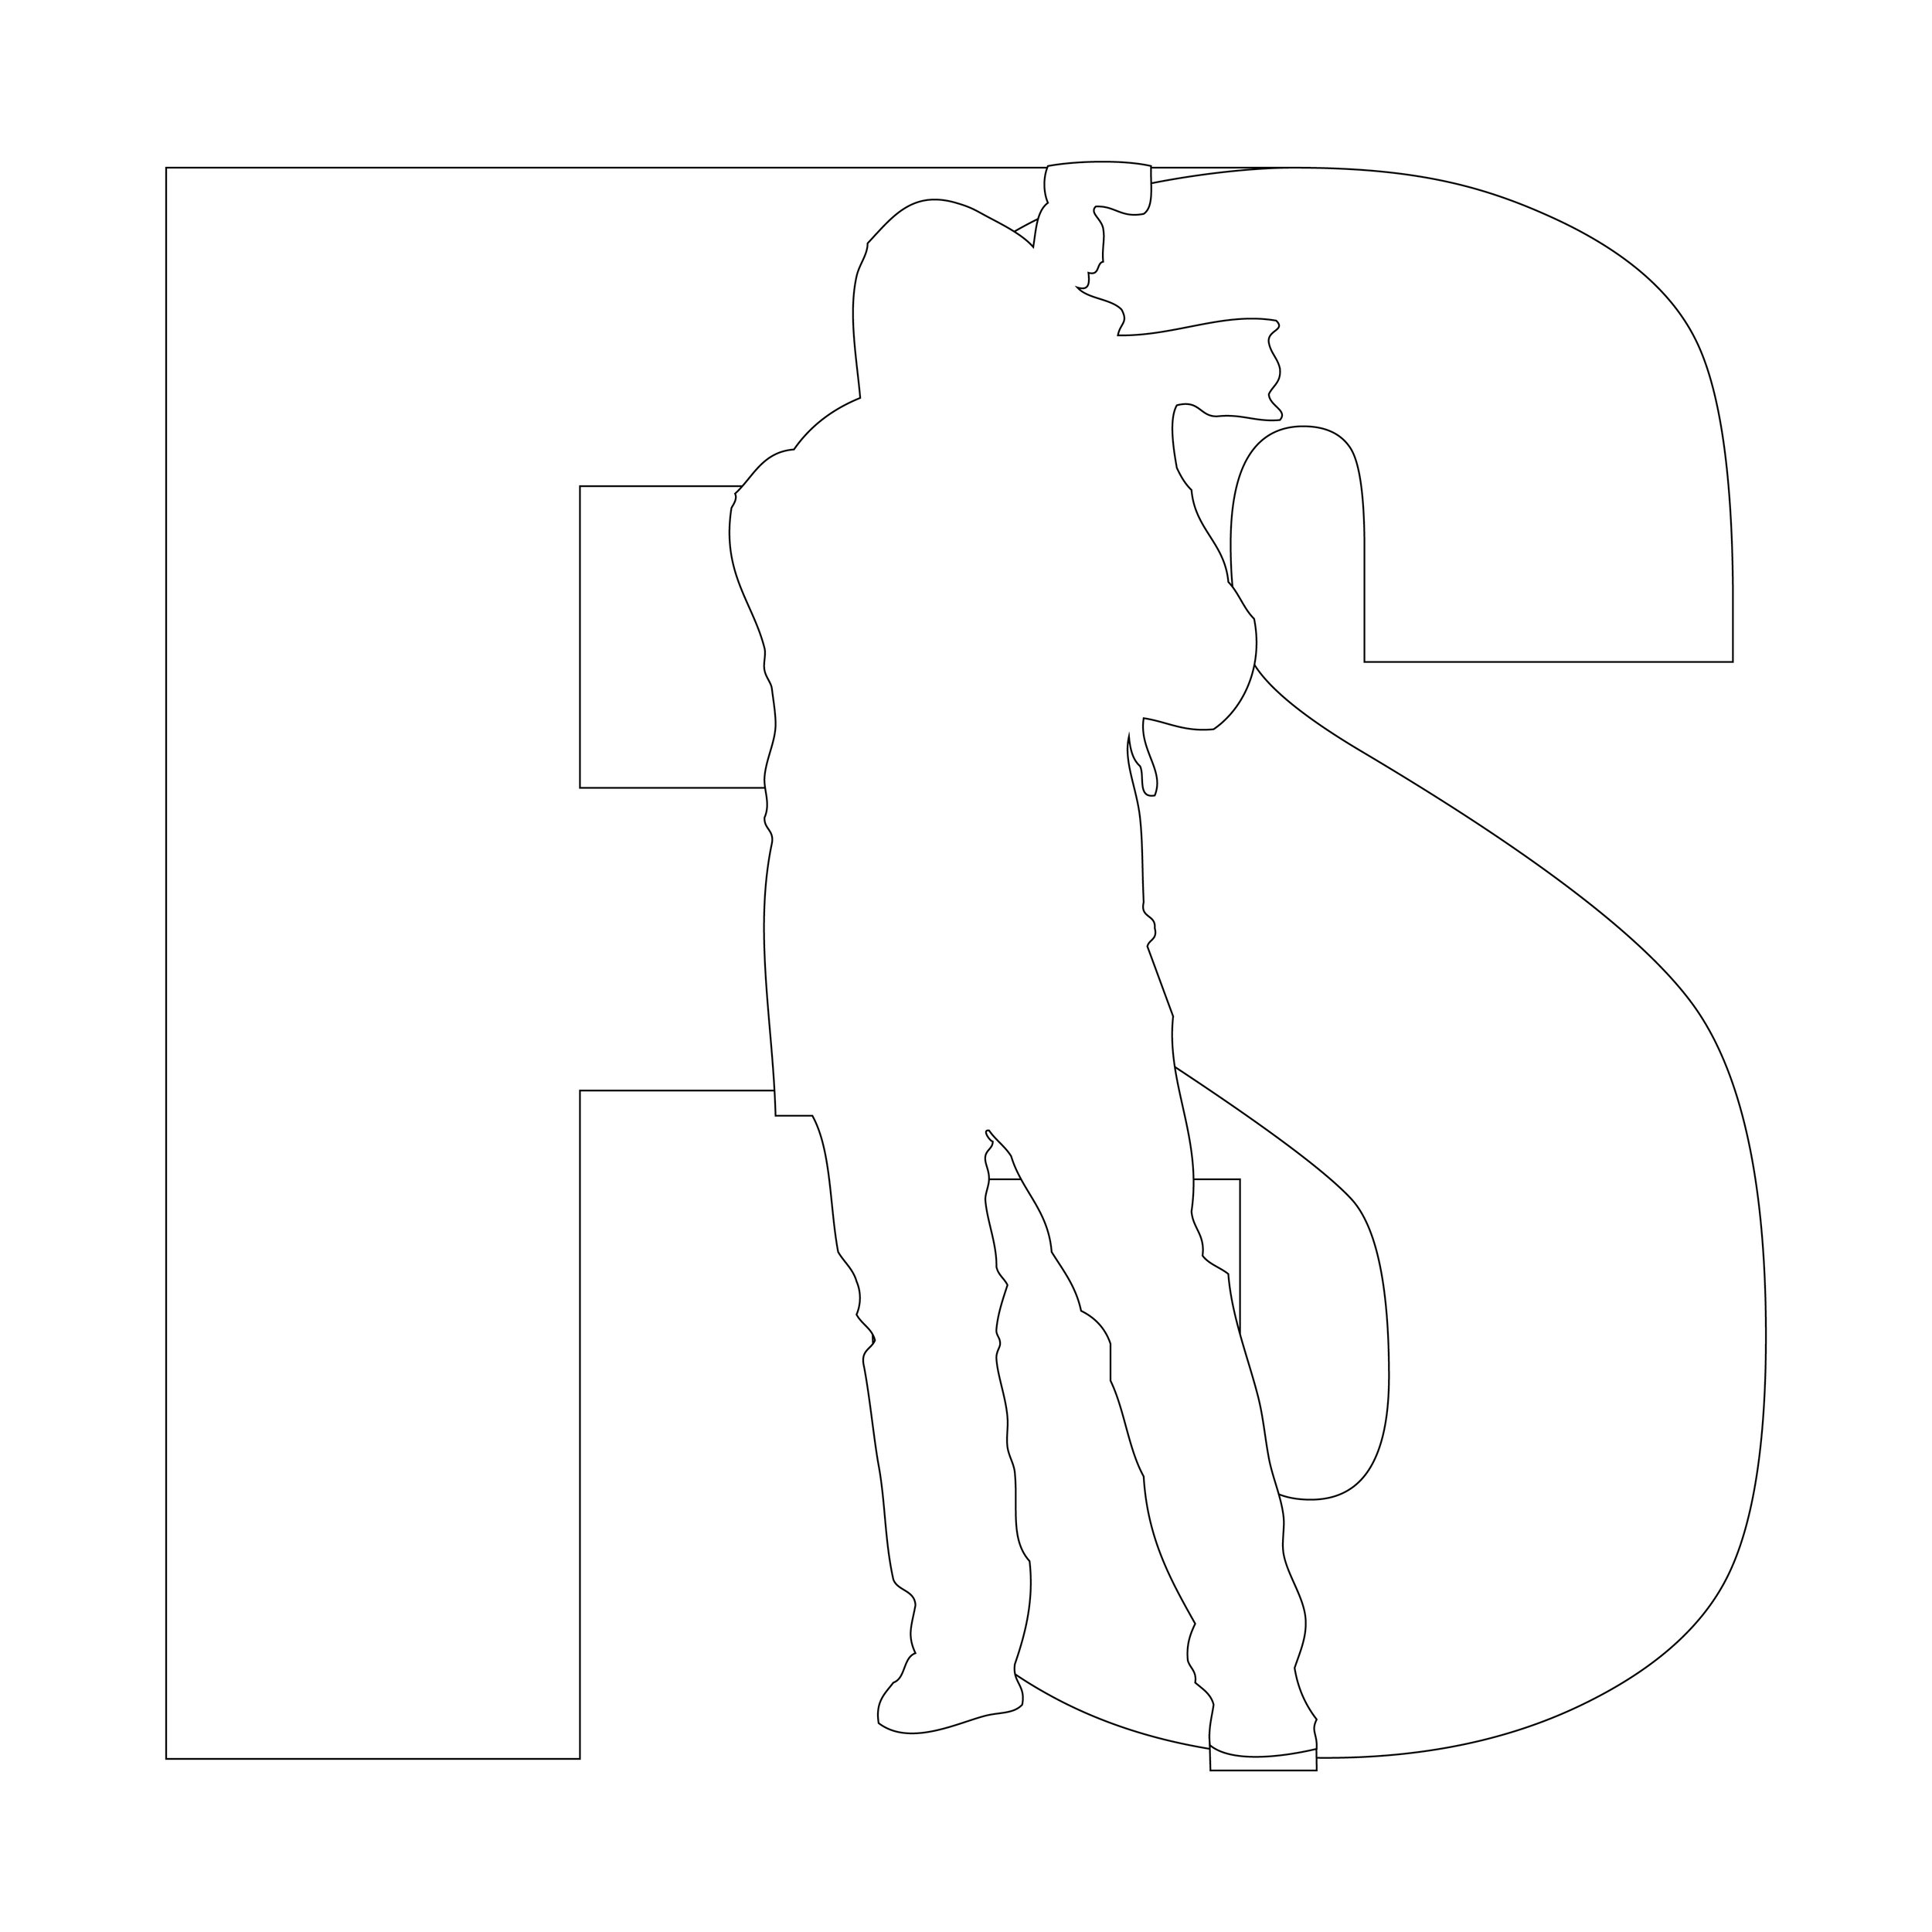 bozza logo corporate design marchio